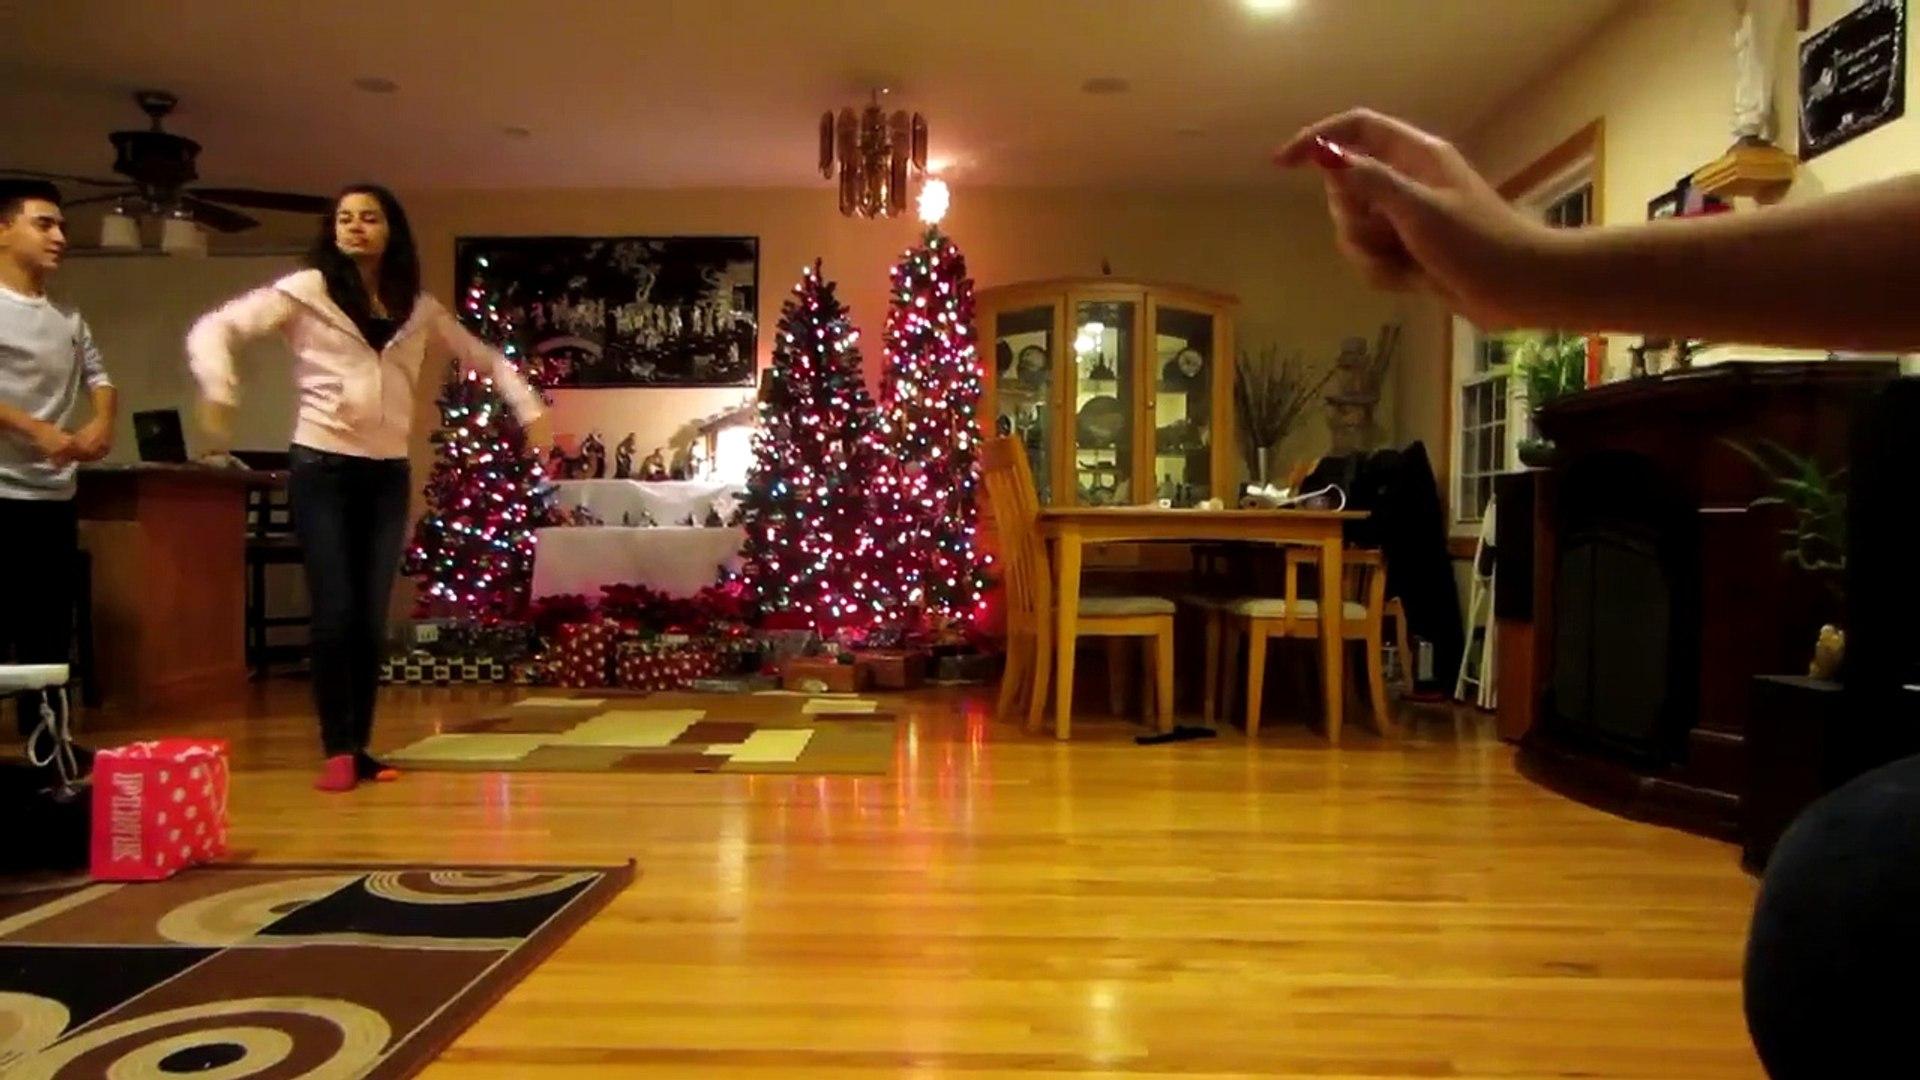 bir garip dans şekli Komedi ve Eğlence izle (video) Komedi ve Eğlence izle (video)